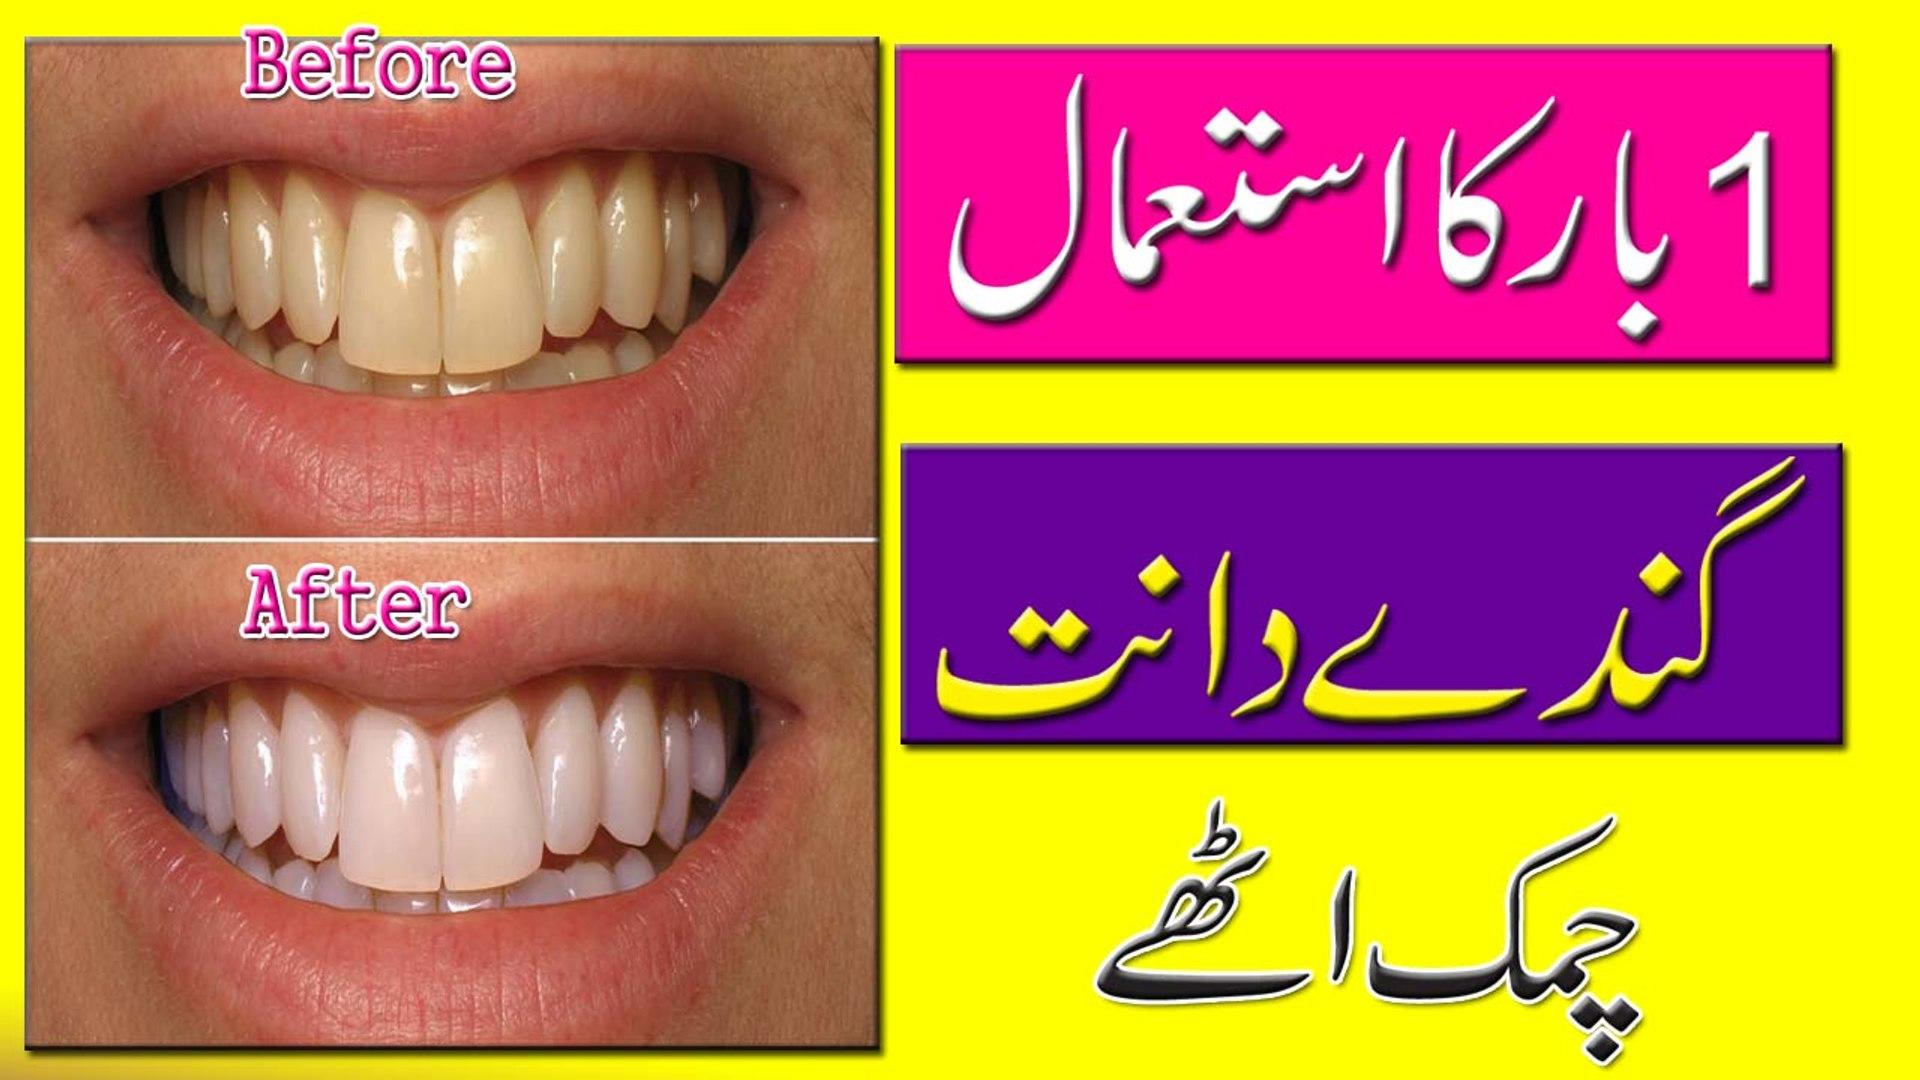 Whiten Teeth At Home Teeth Whitening Tips In Urdu Hindi